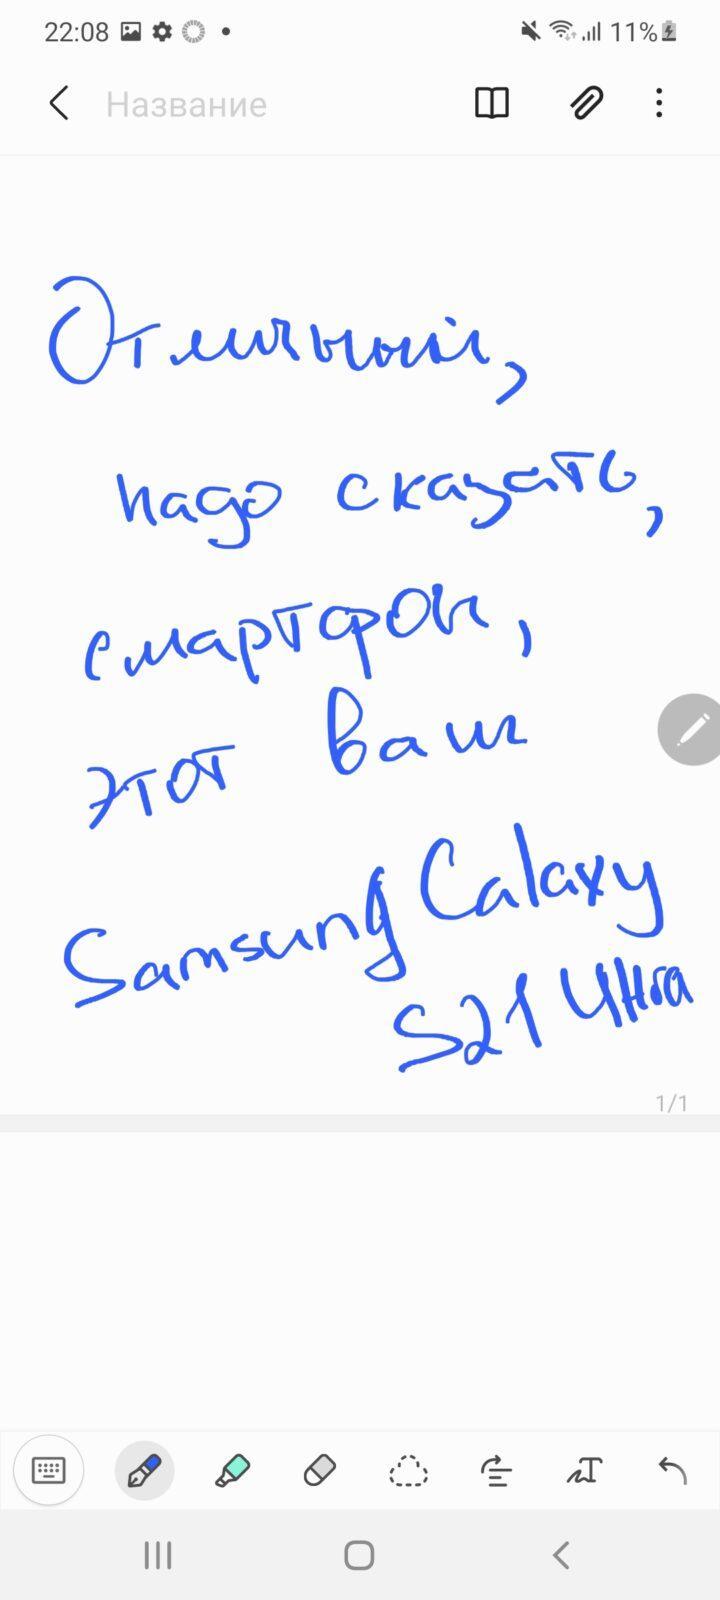 Обзор Samsung Galaxy S21 Ultra: лучший из лучших (screenshot 20210224 220806 samsung notes)